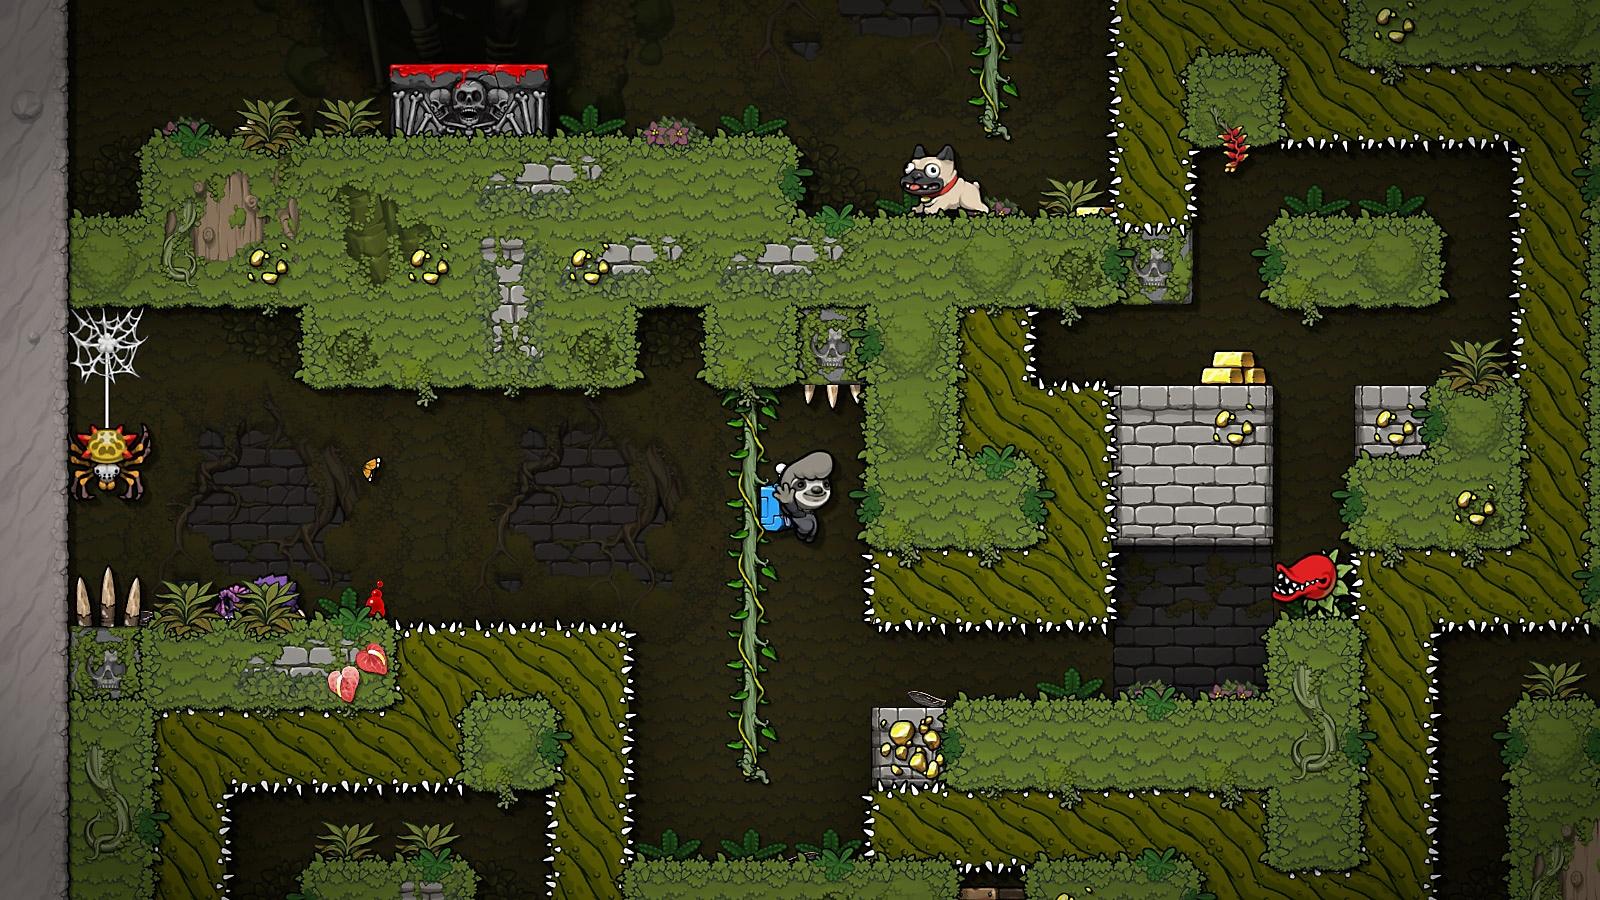 Spelunky 2 - Captura de pantalla - Perezoso bajando por la parra